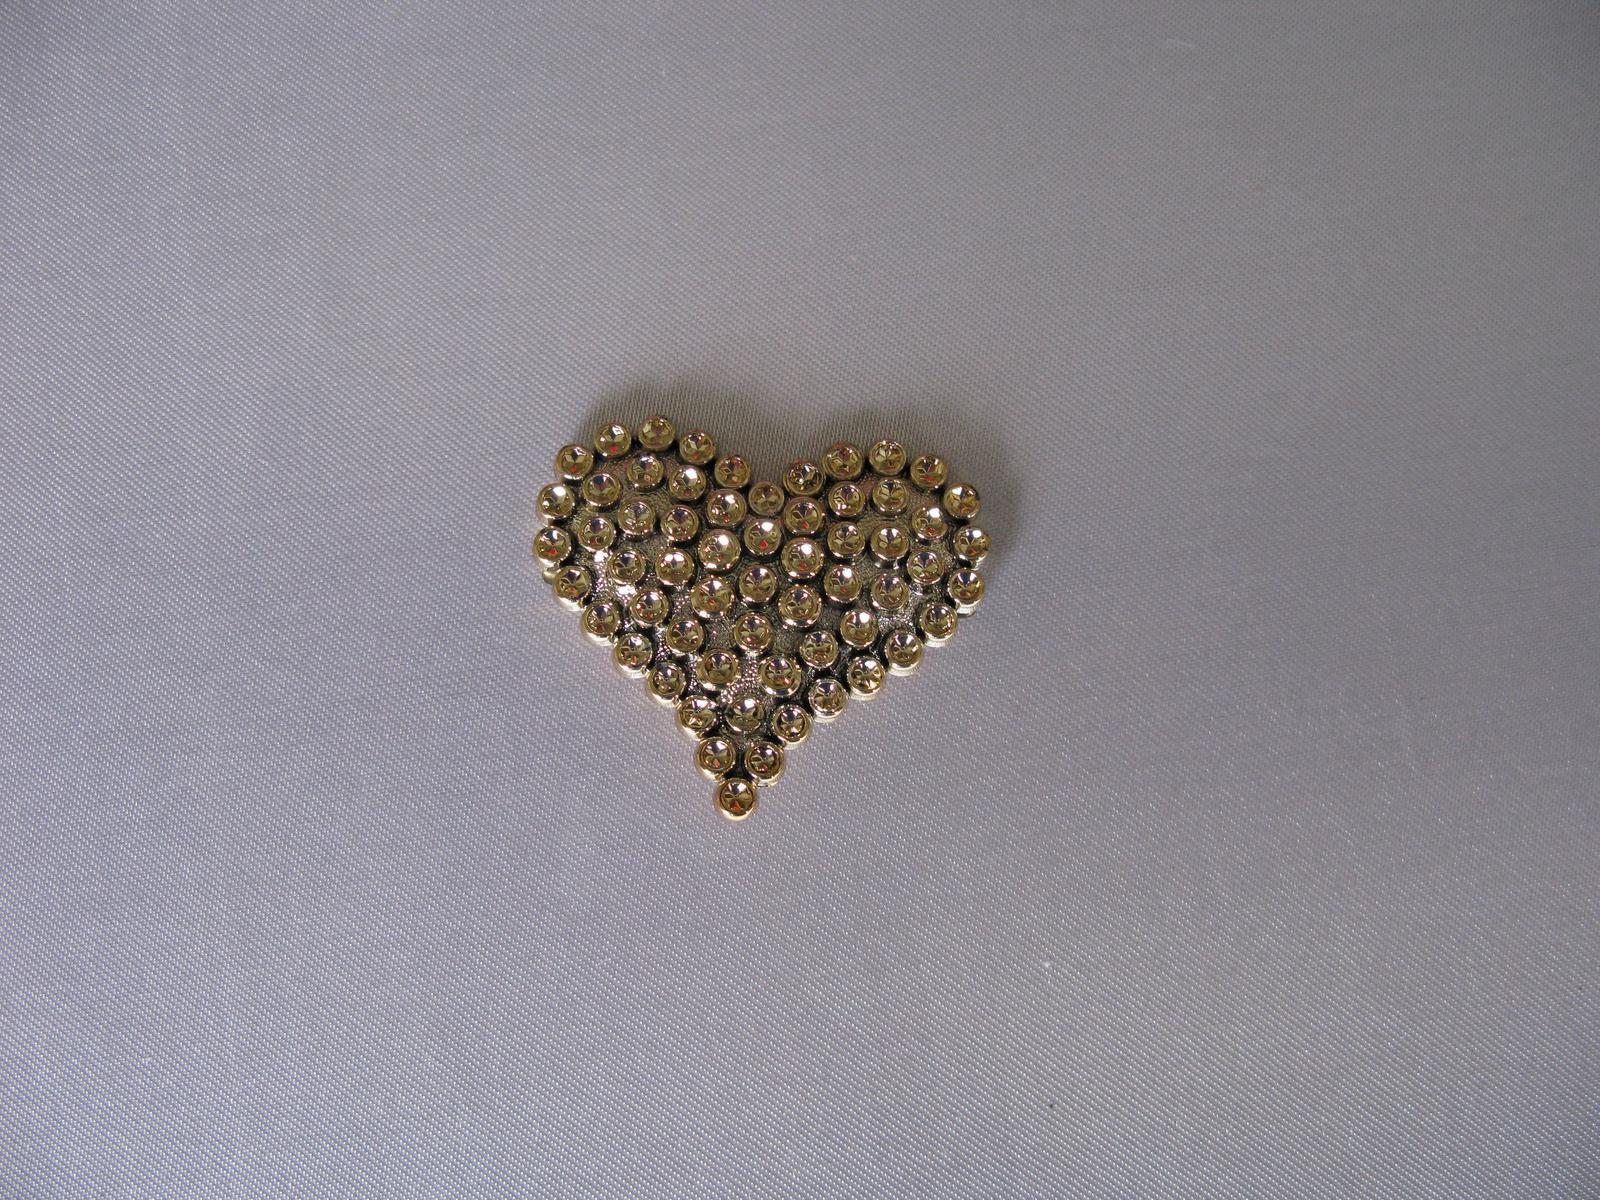 Srdce - Obrázek č. 1